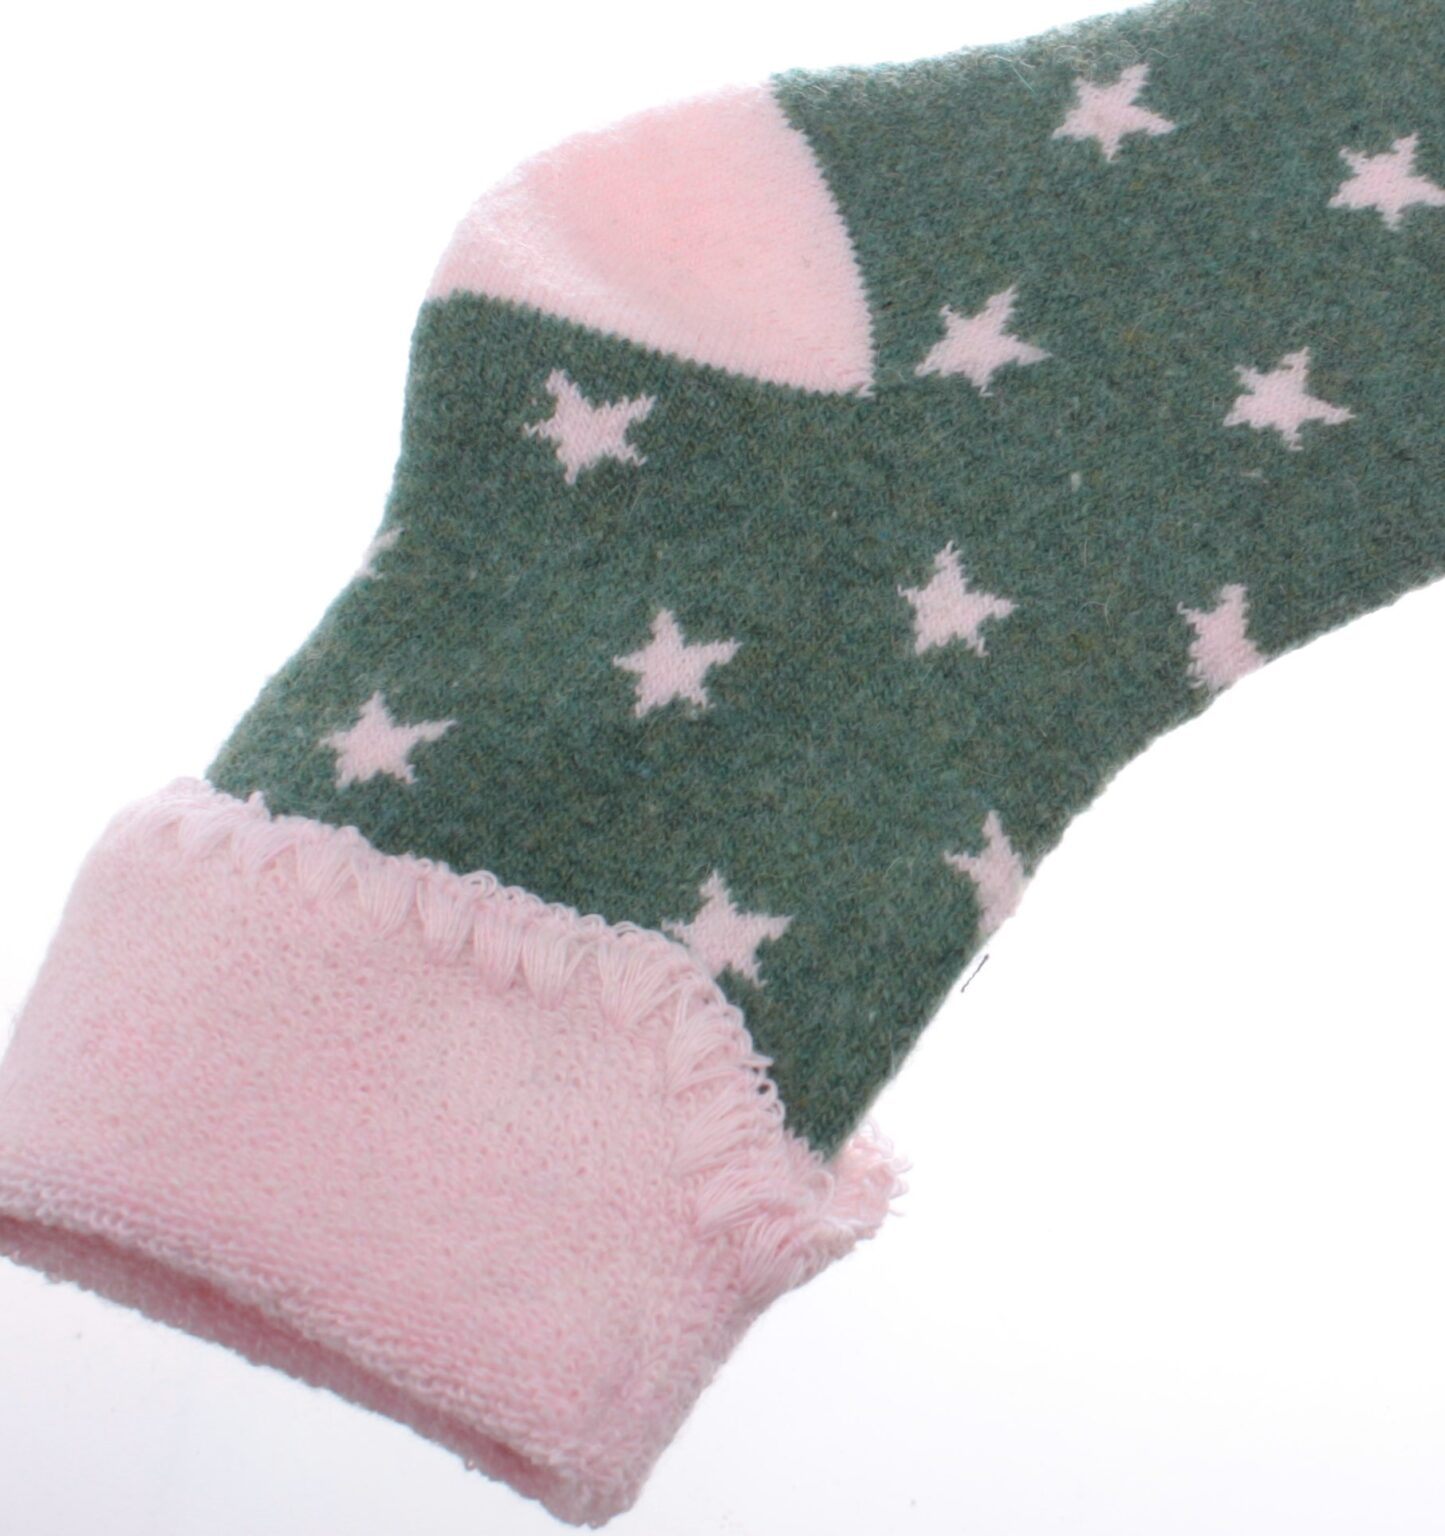 Jess & Lou Socks - Green/Pink Star